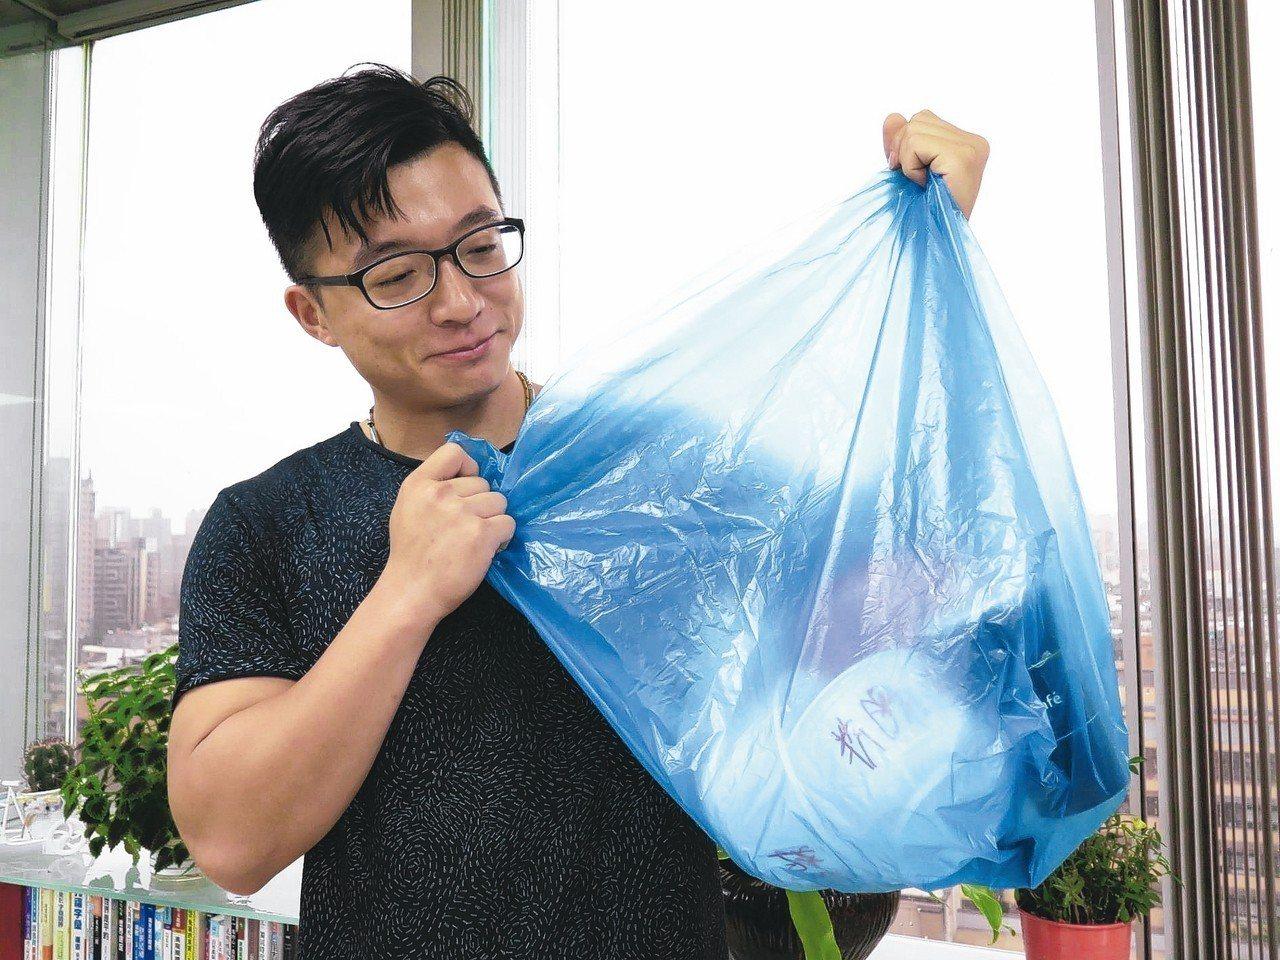 桃園市環保局將推廣使用半透明垃圾袋,鼓勵民眾落實分類回收。 記者張裕珍/攝影